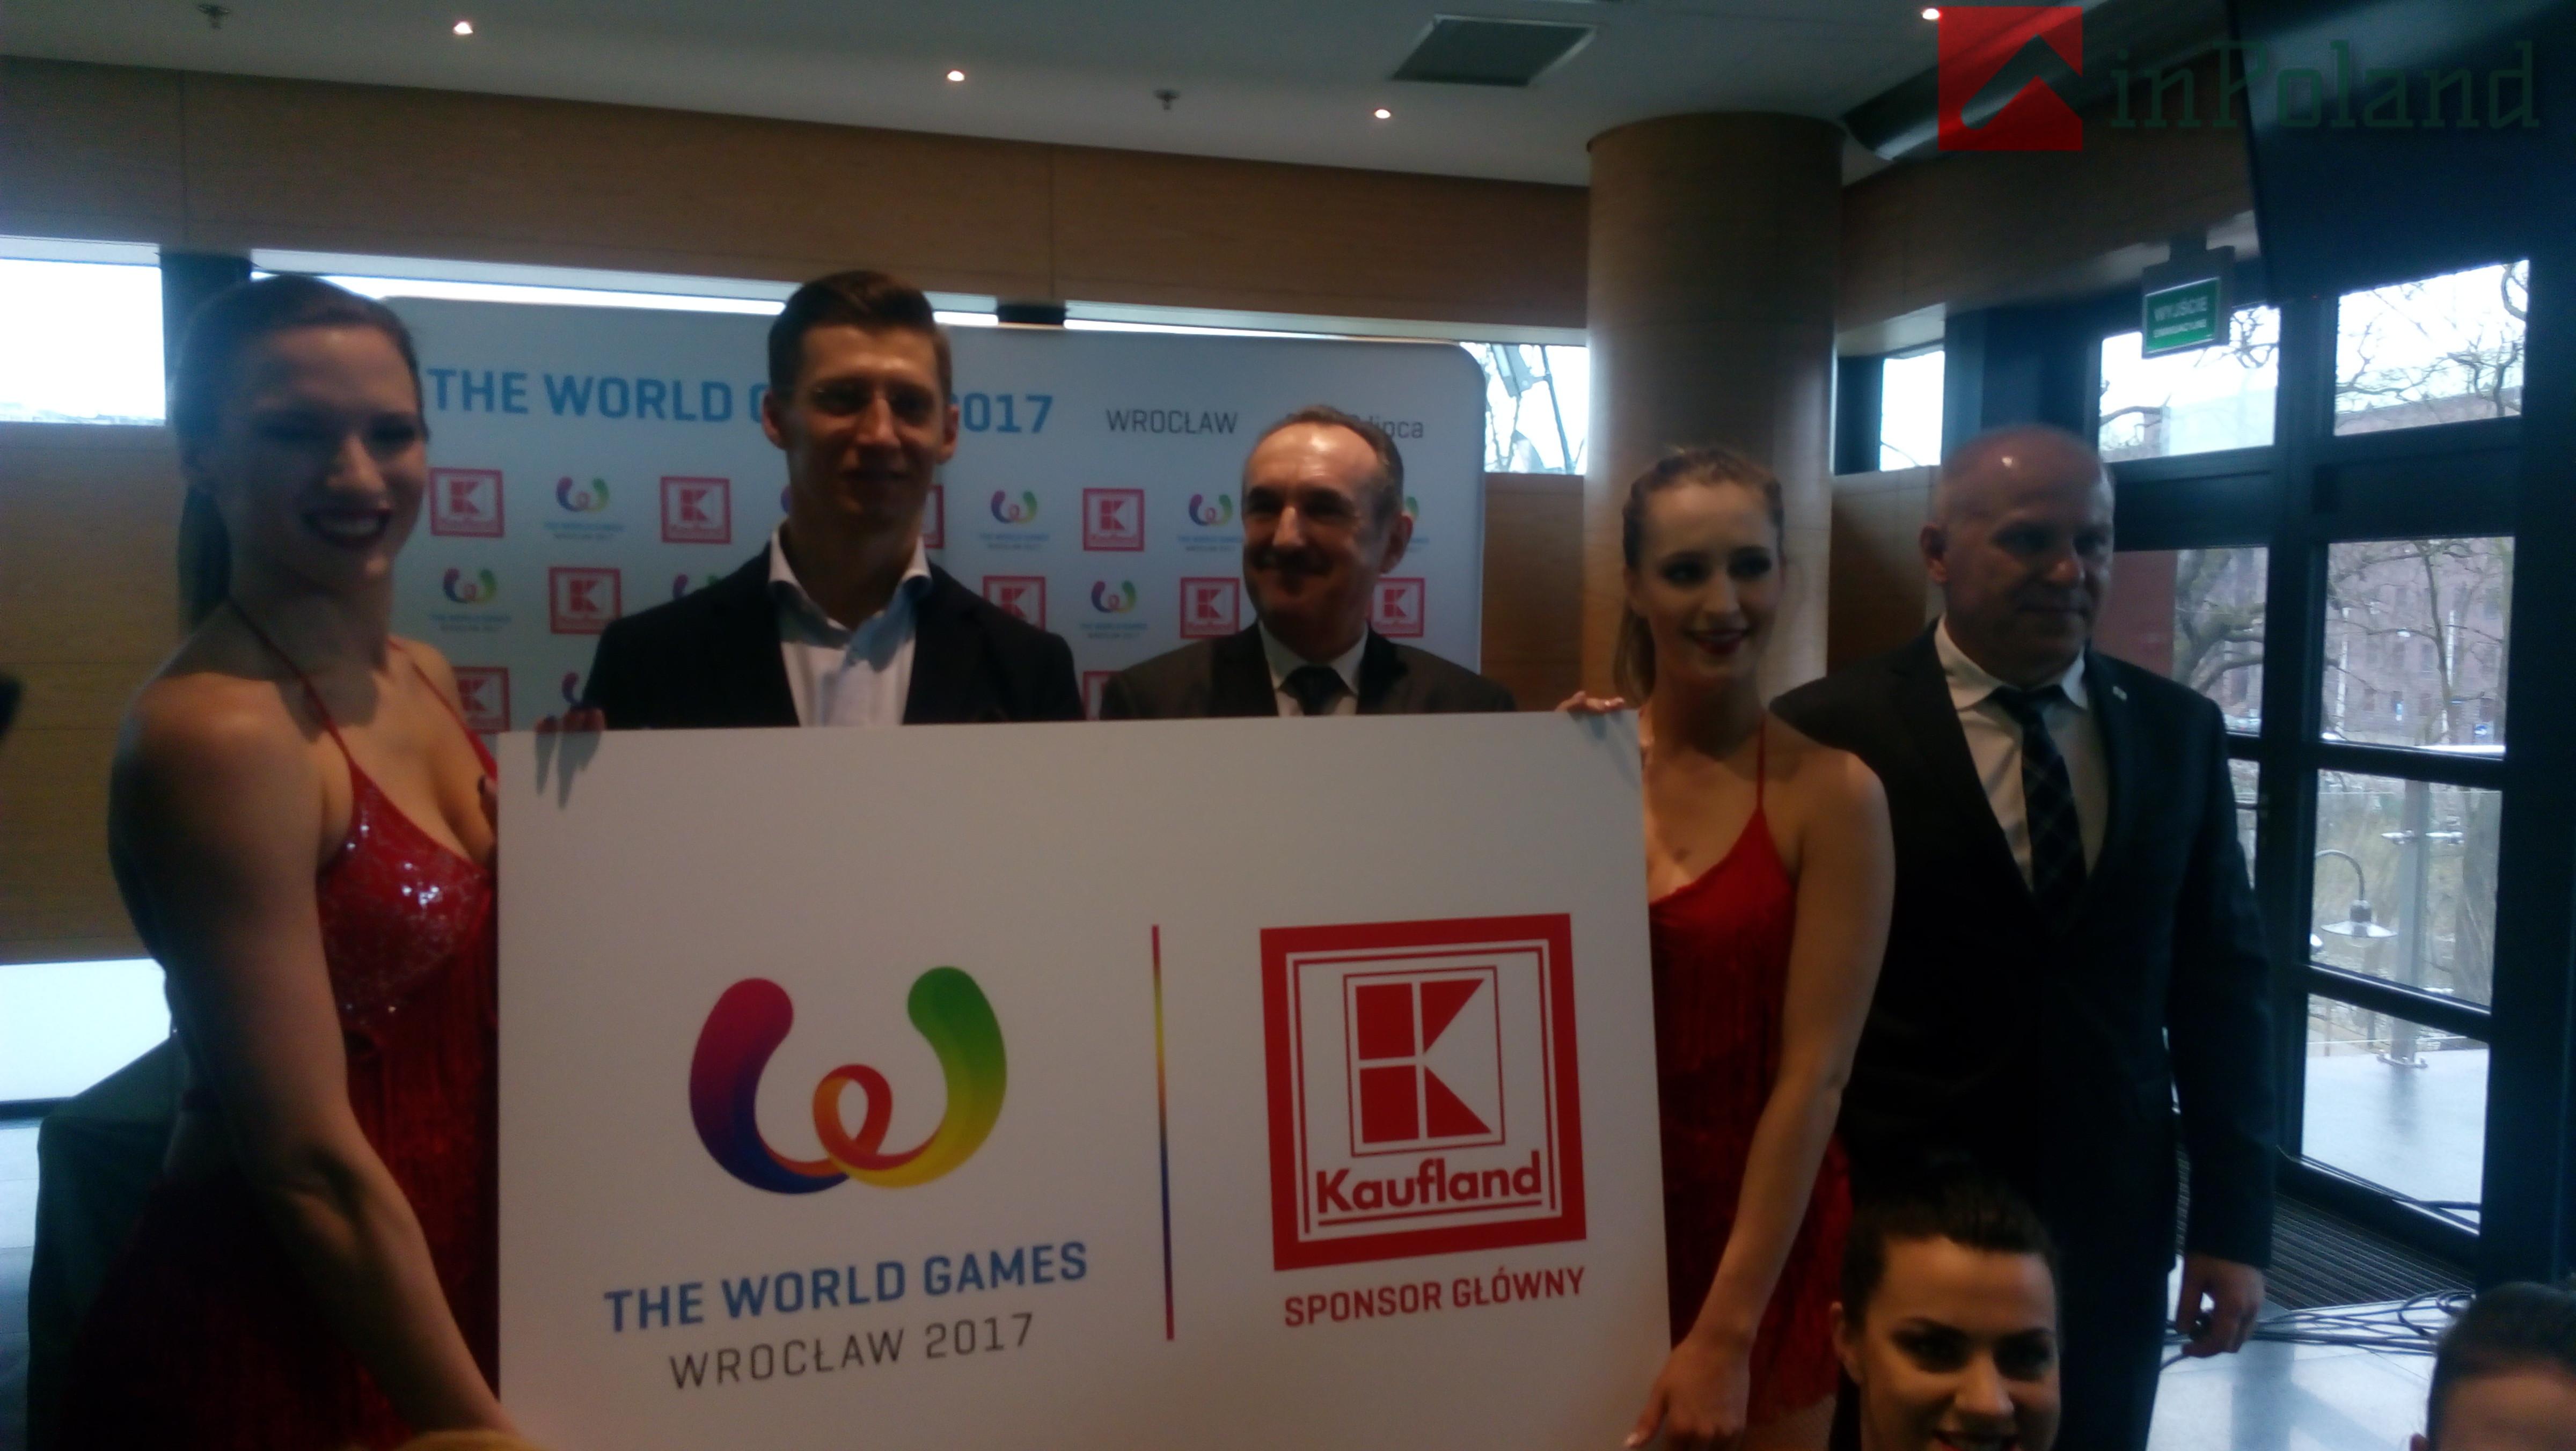 Організаційний комітет Всесвітніх ігор-2017 та мережа магазинів Kaufland підписали спонсорську умову